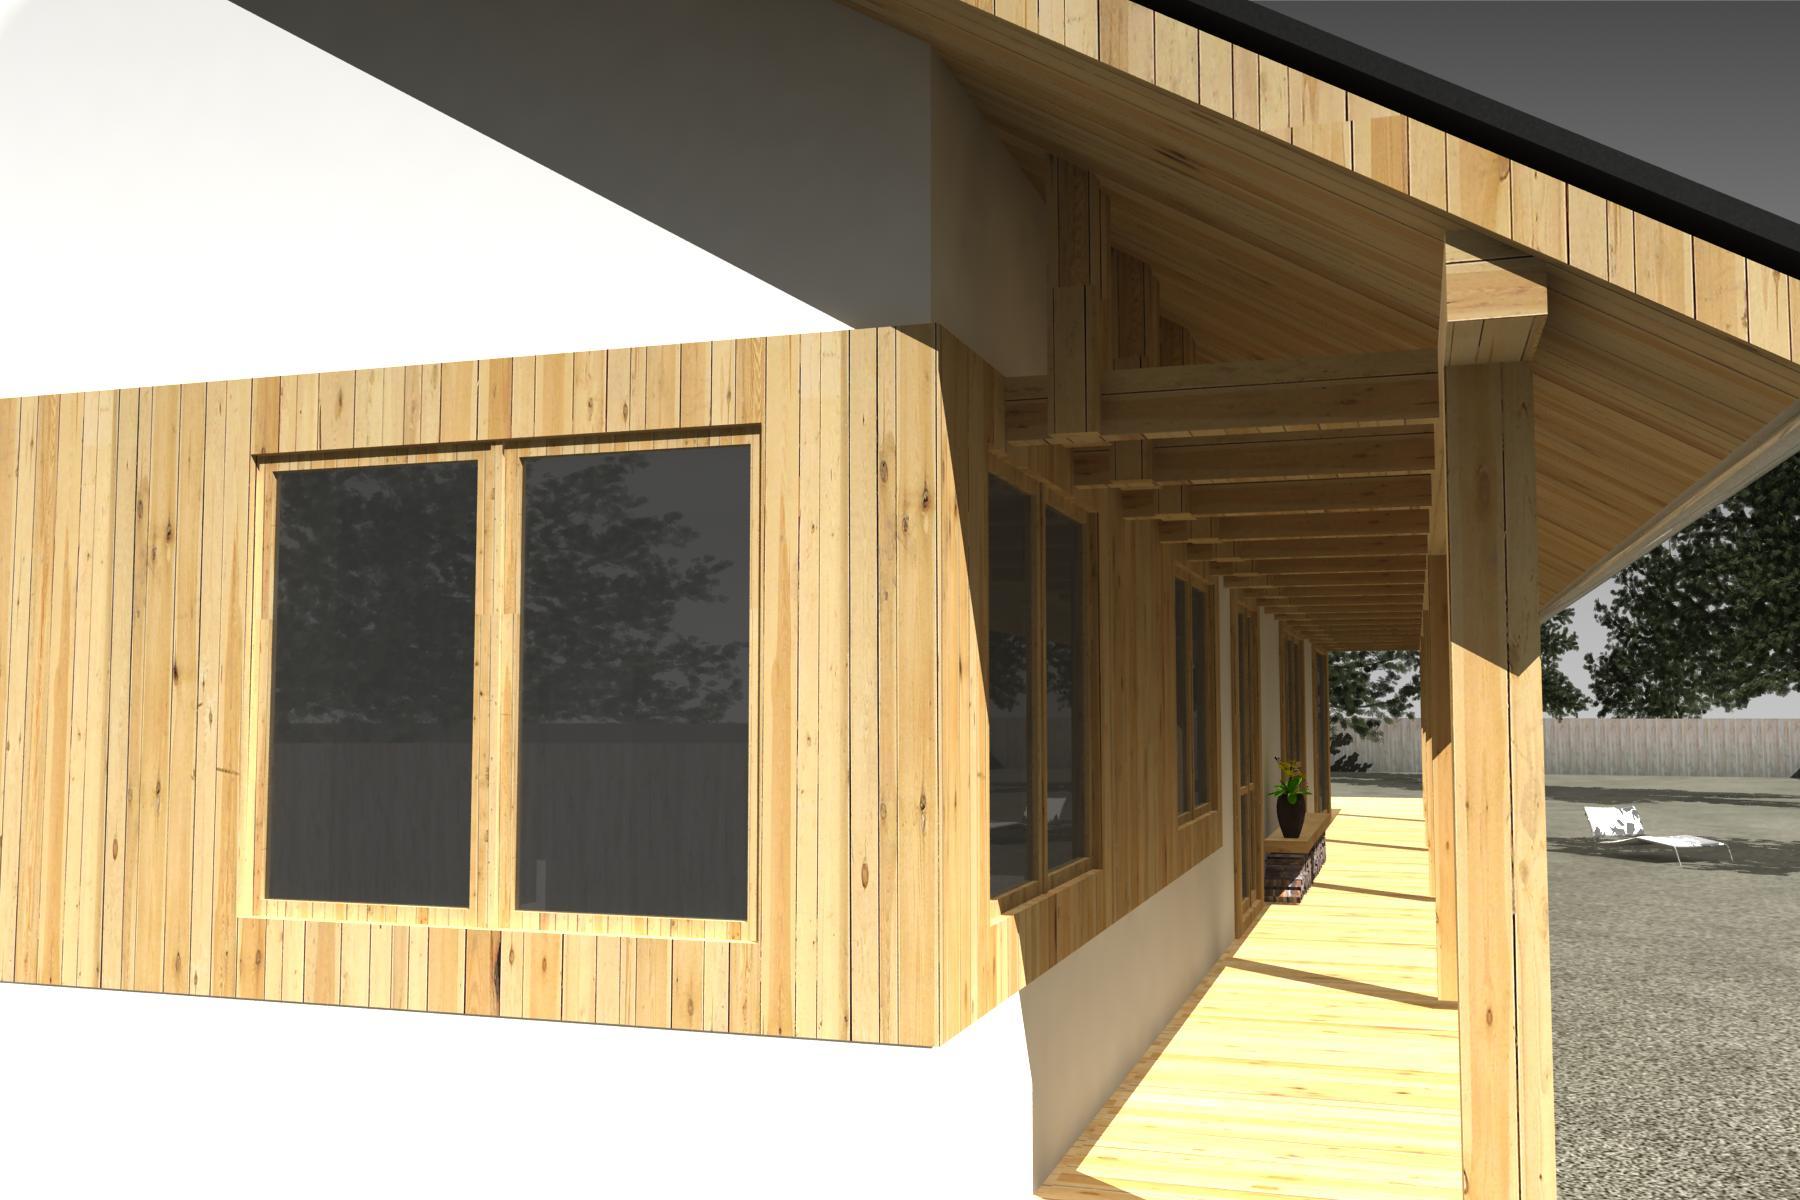 Projekt stavby rodinného domu III 02